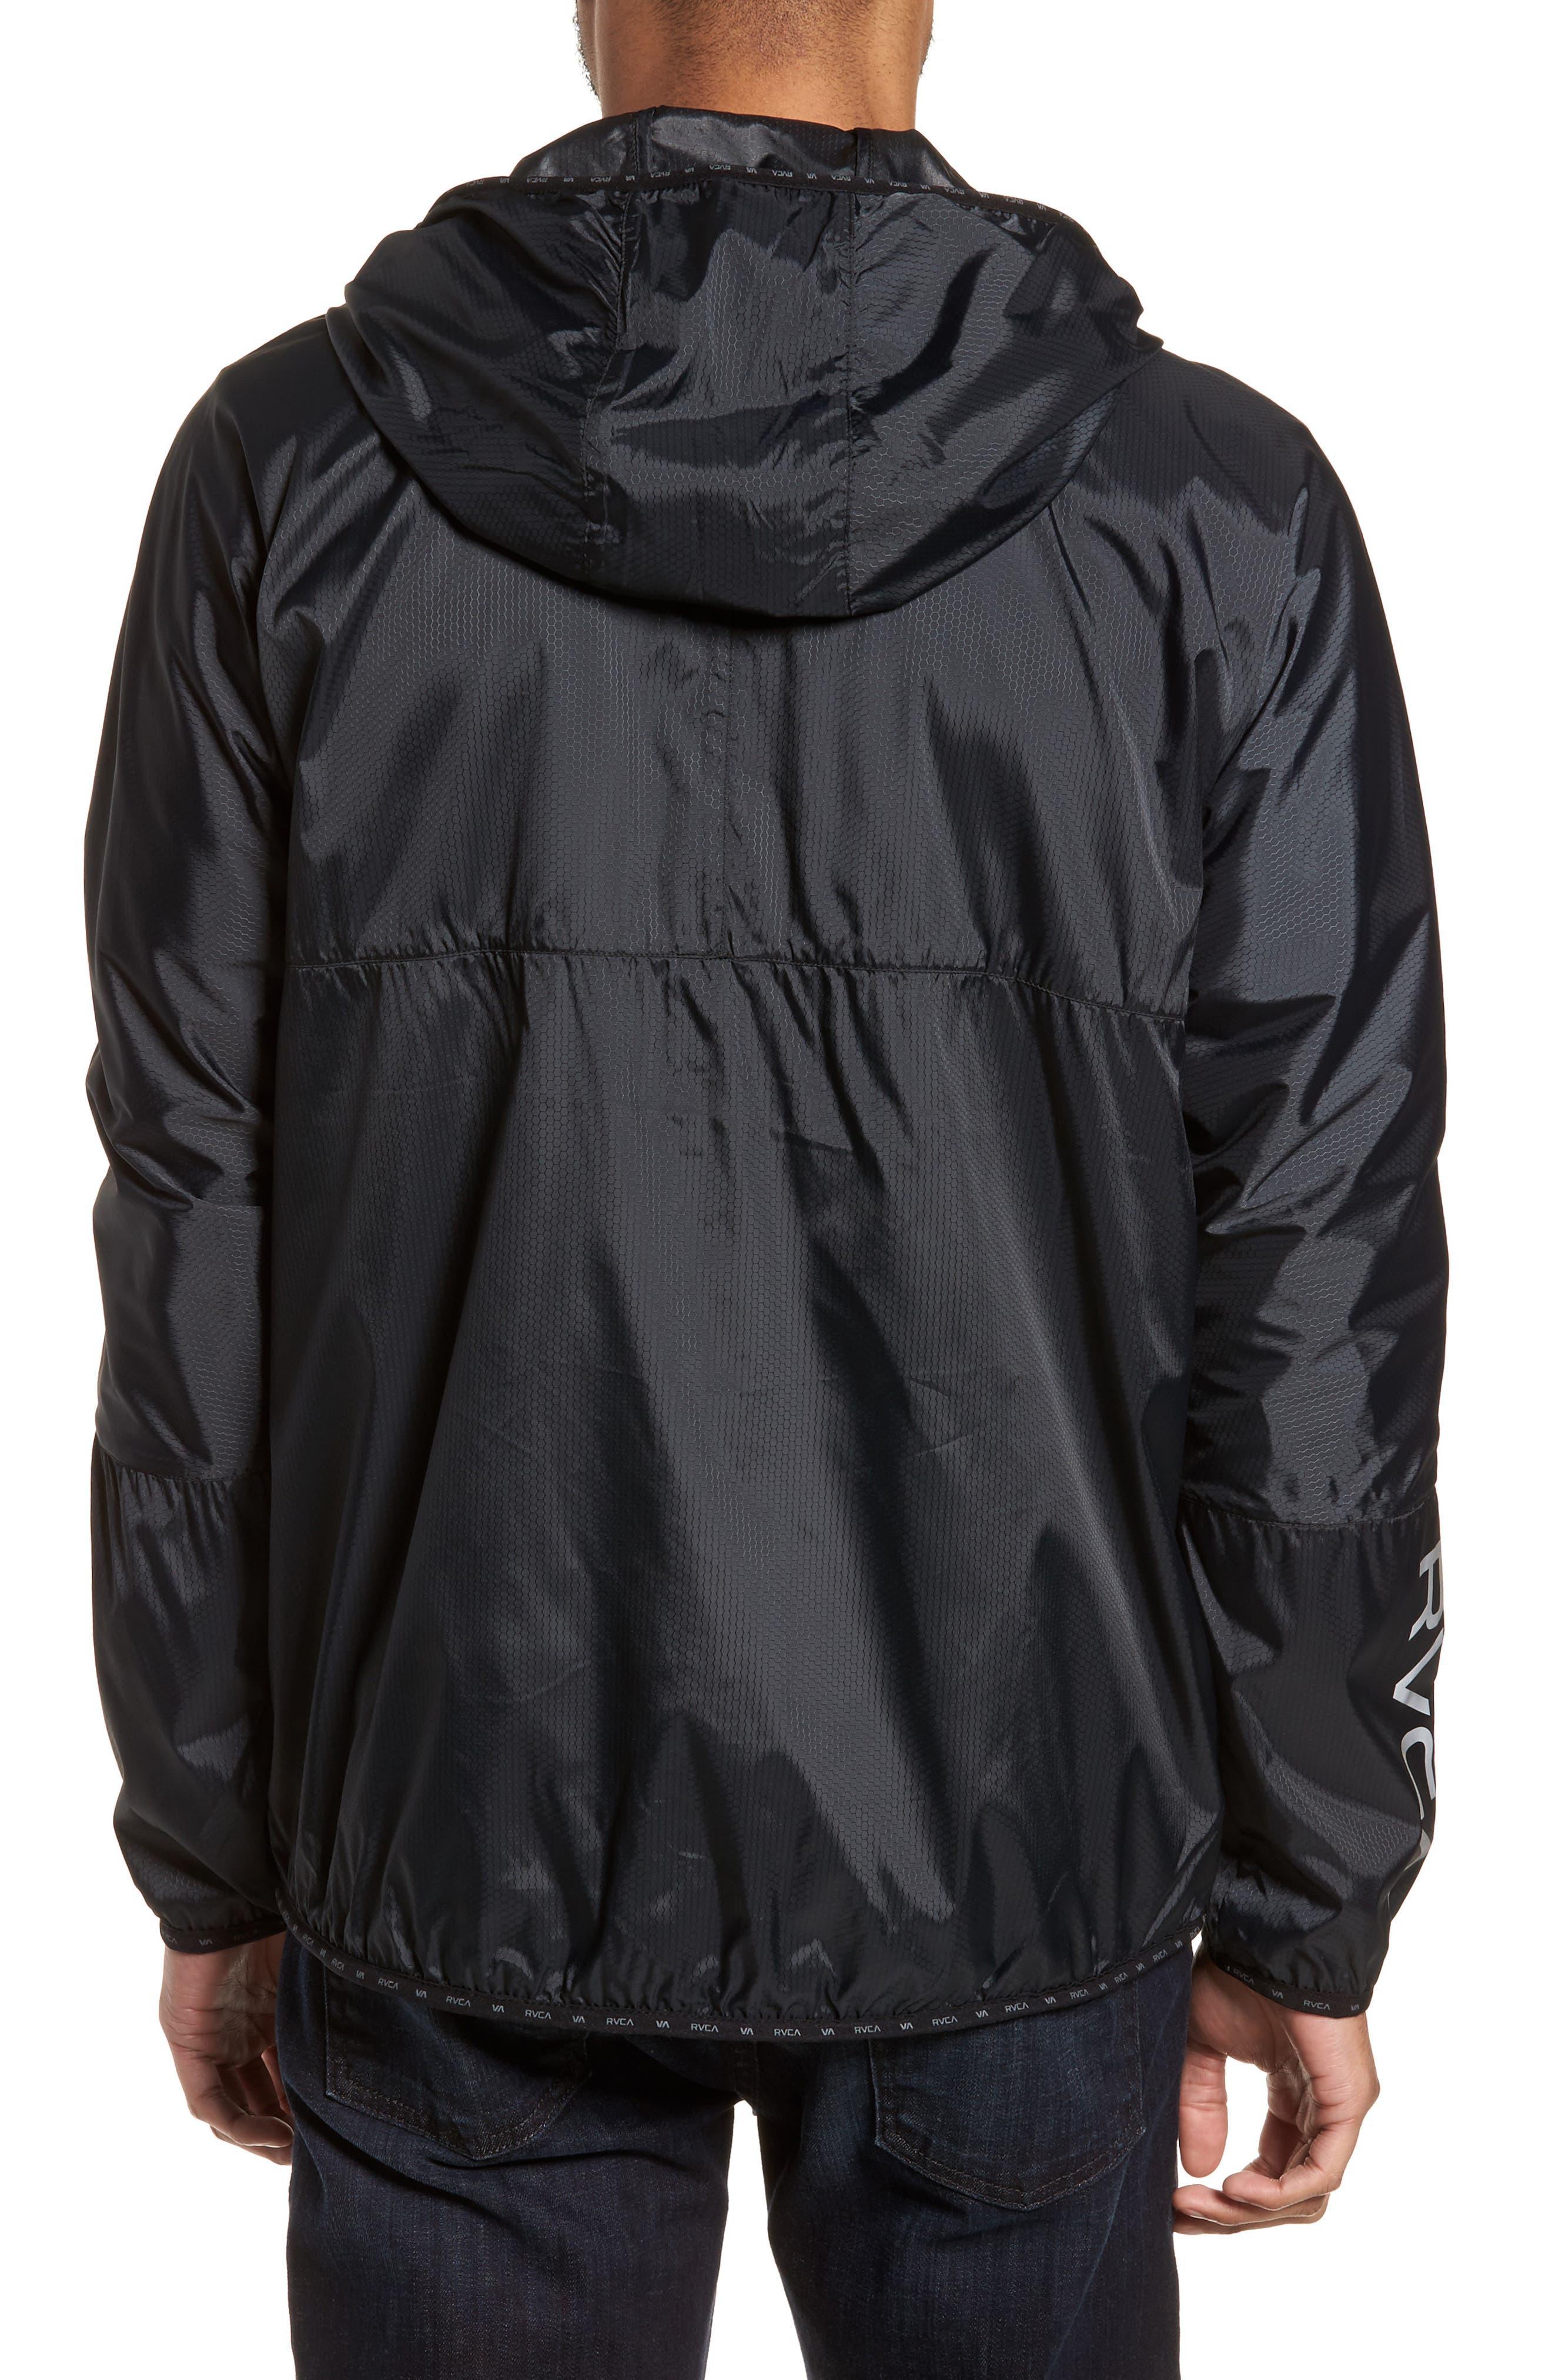 Hexstop II Water Repellent Hooded Jacket,                             Alternate thumbnail 2, color,                             001